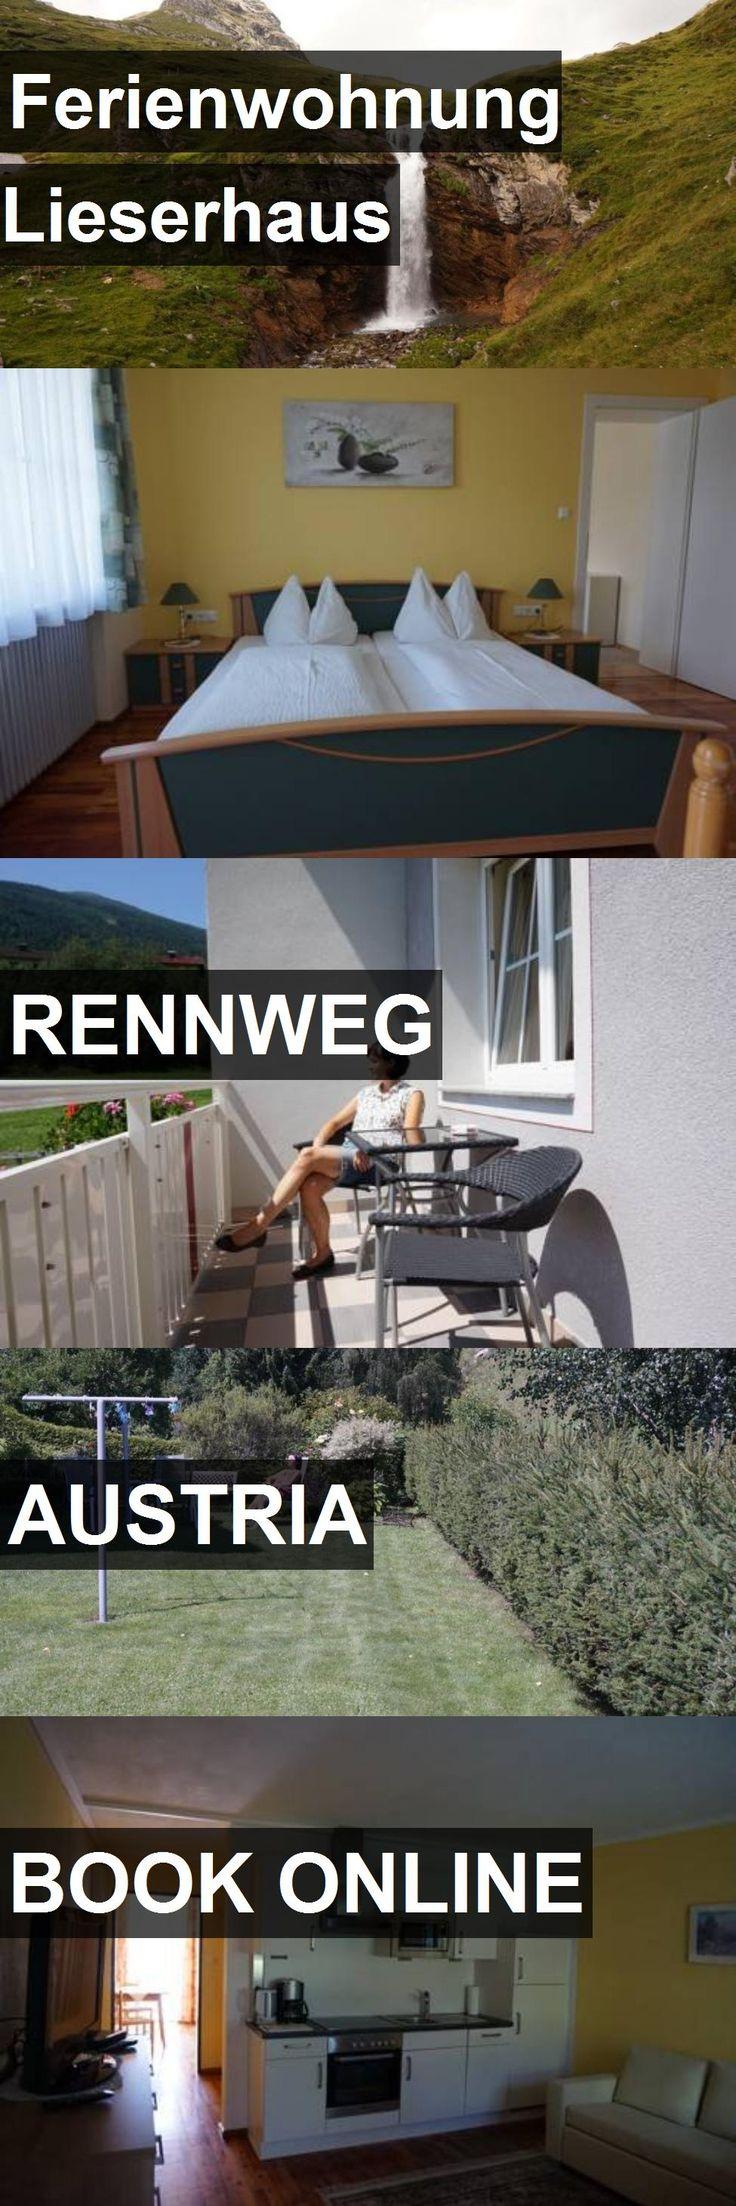 Hotel Ferienwohnung Lieserhaus in Rennweg, Austria. For more information, photos, reviews and best prices please follow the link. #Austria #Rennweg #travel #vacation #hotel